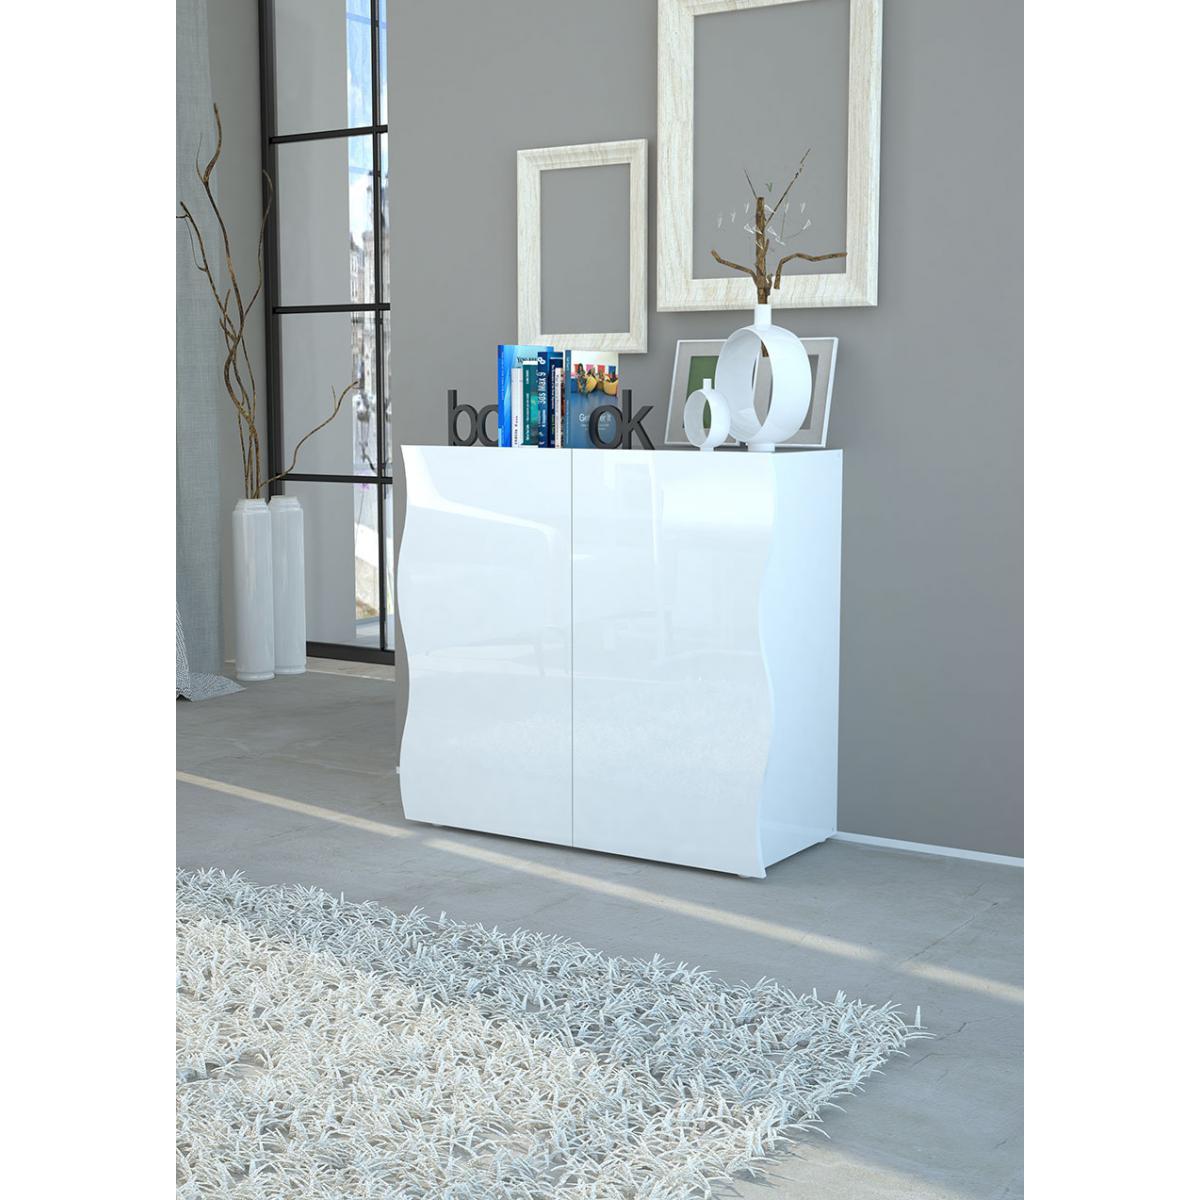 Kasalinea Buffet blanc laqué design CAPUCINE 4